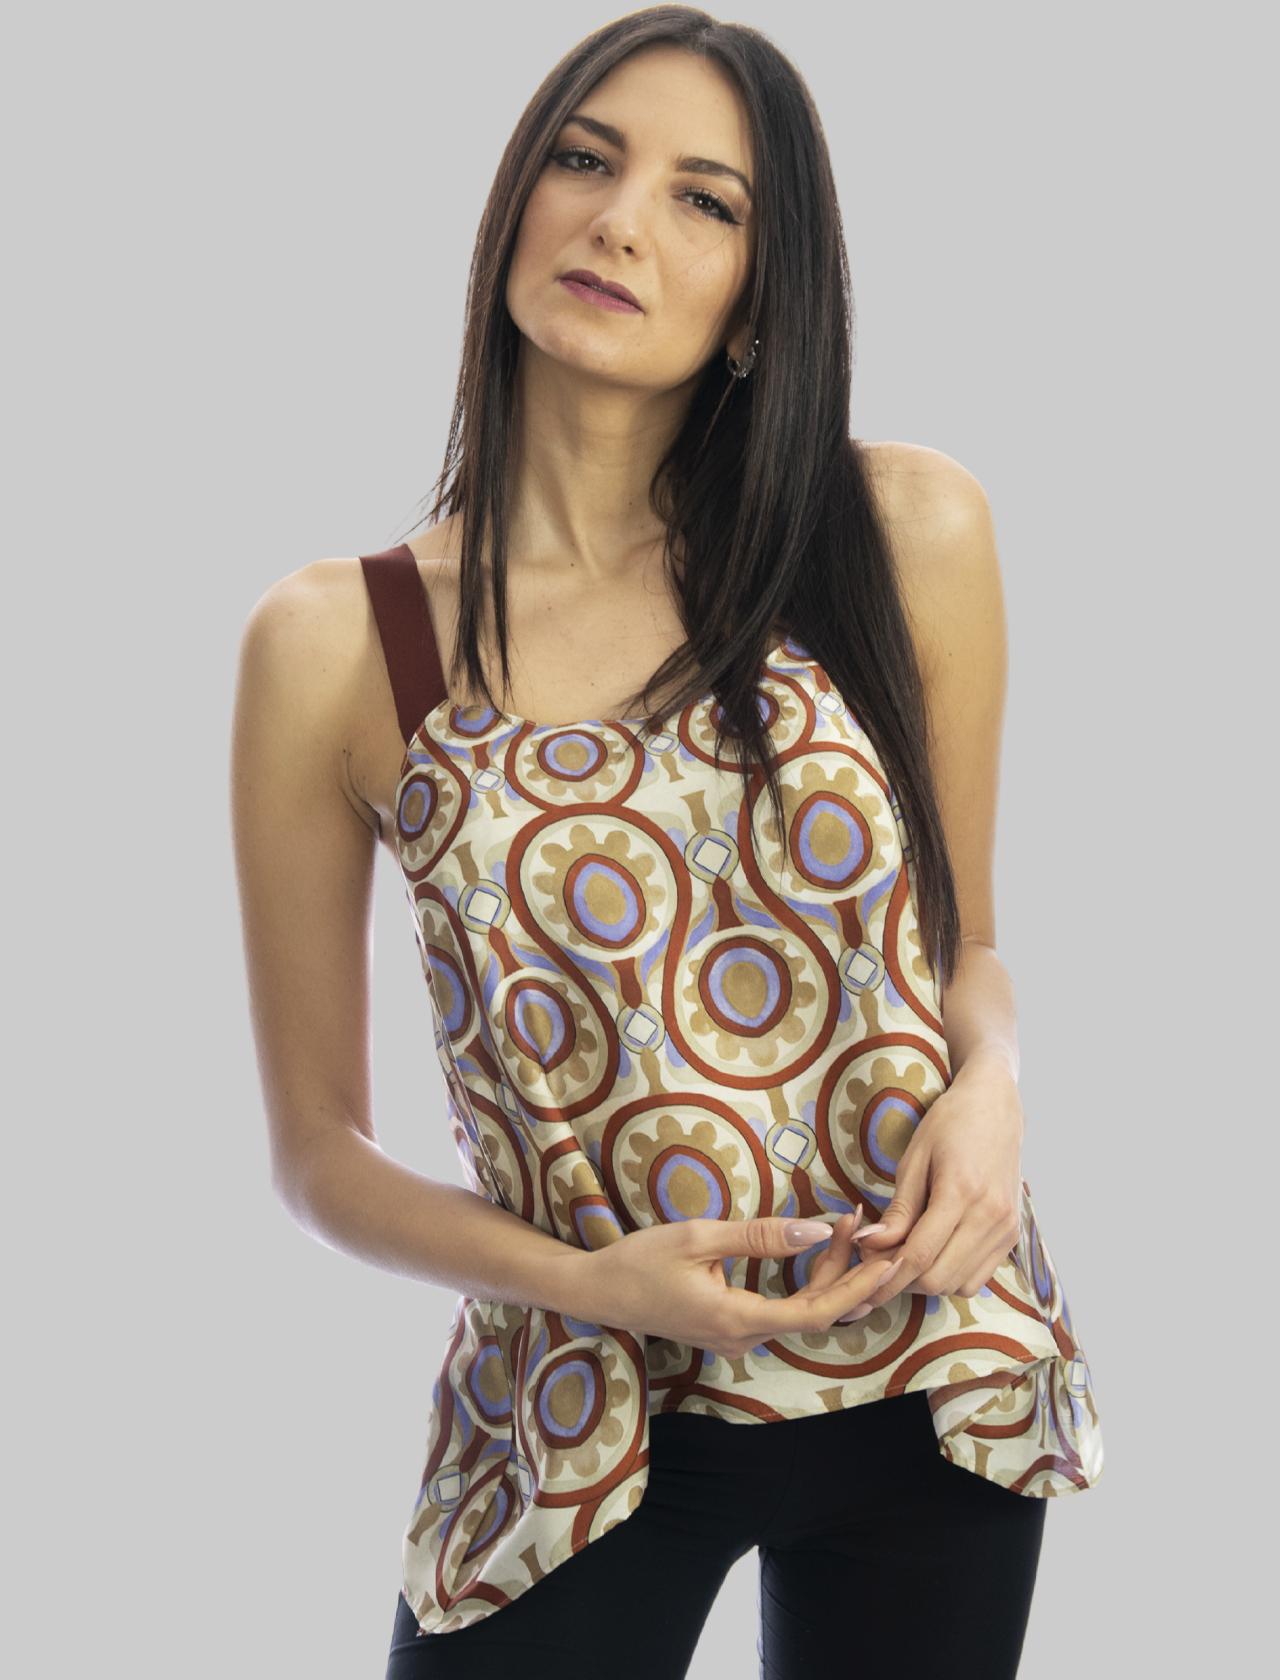 Abbigliamento Donna Top Ottoman Twill Beige con Bretelle in Gros Grain Mono Colore Maliparmi   Camicie e Top   JP539860046B1229